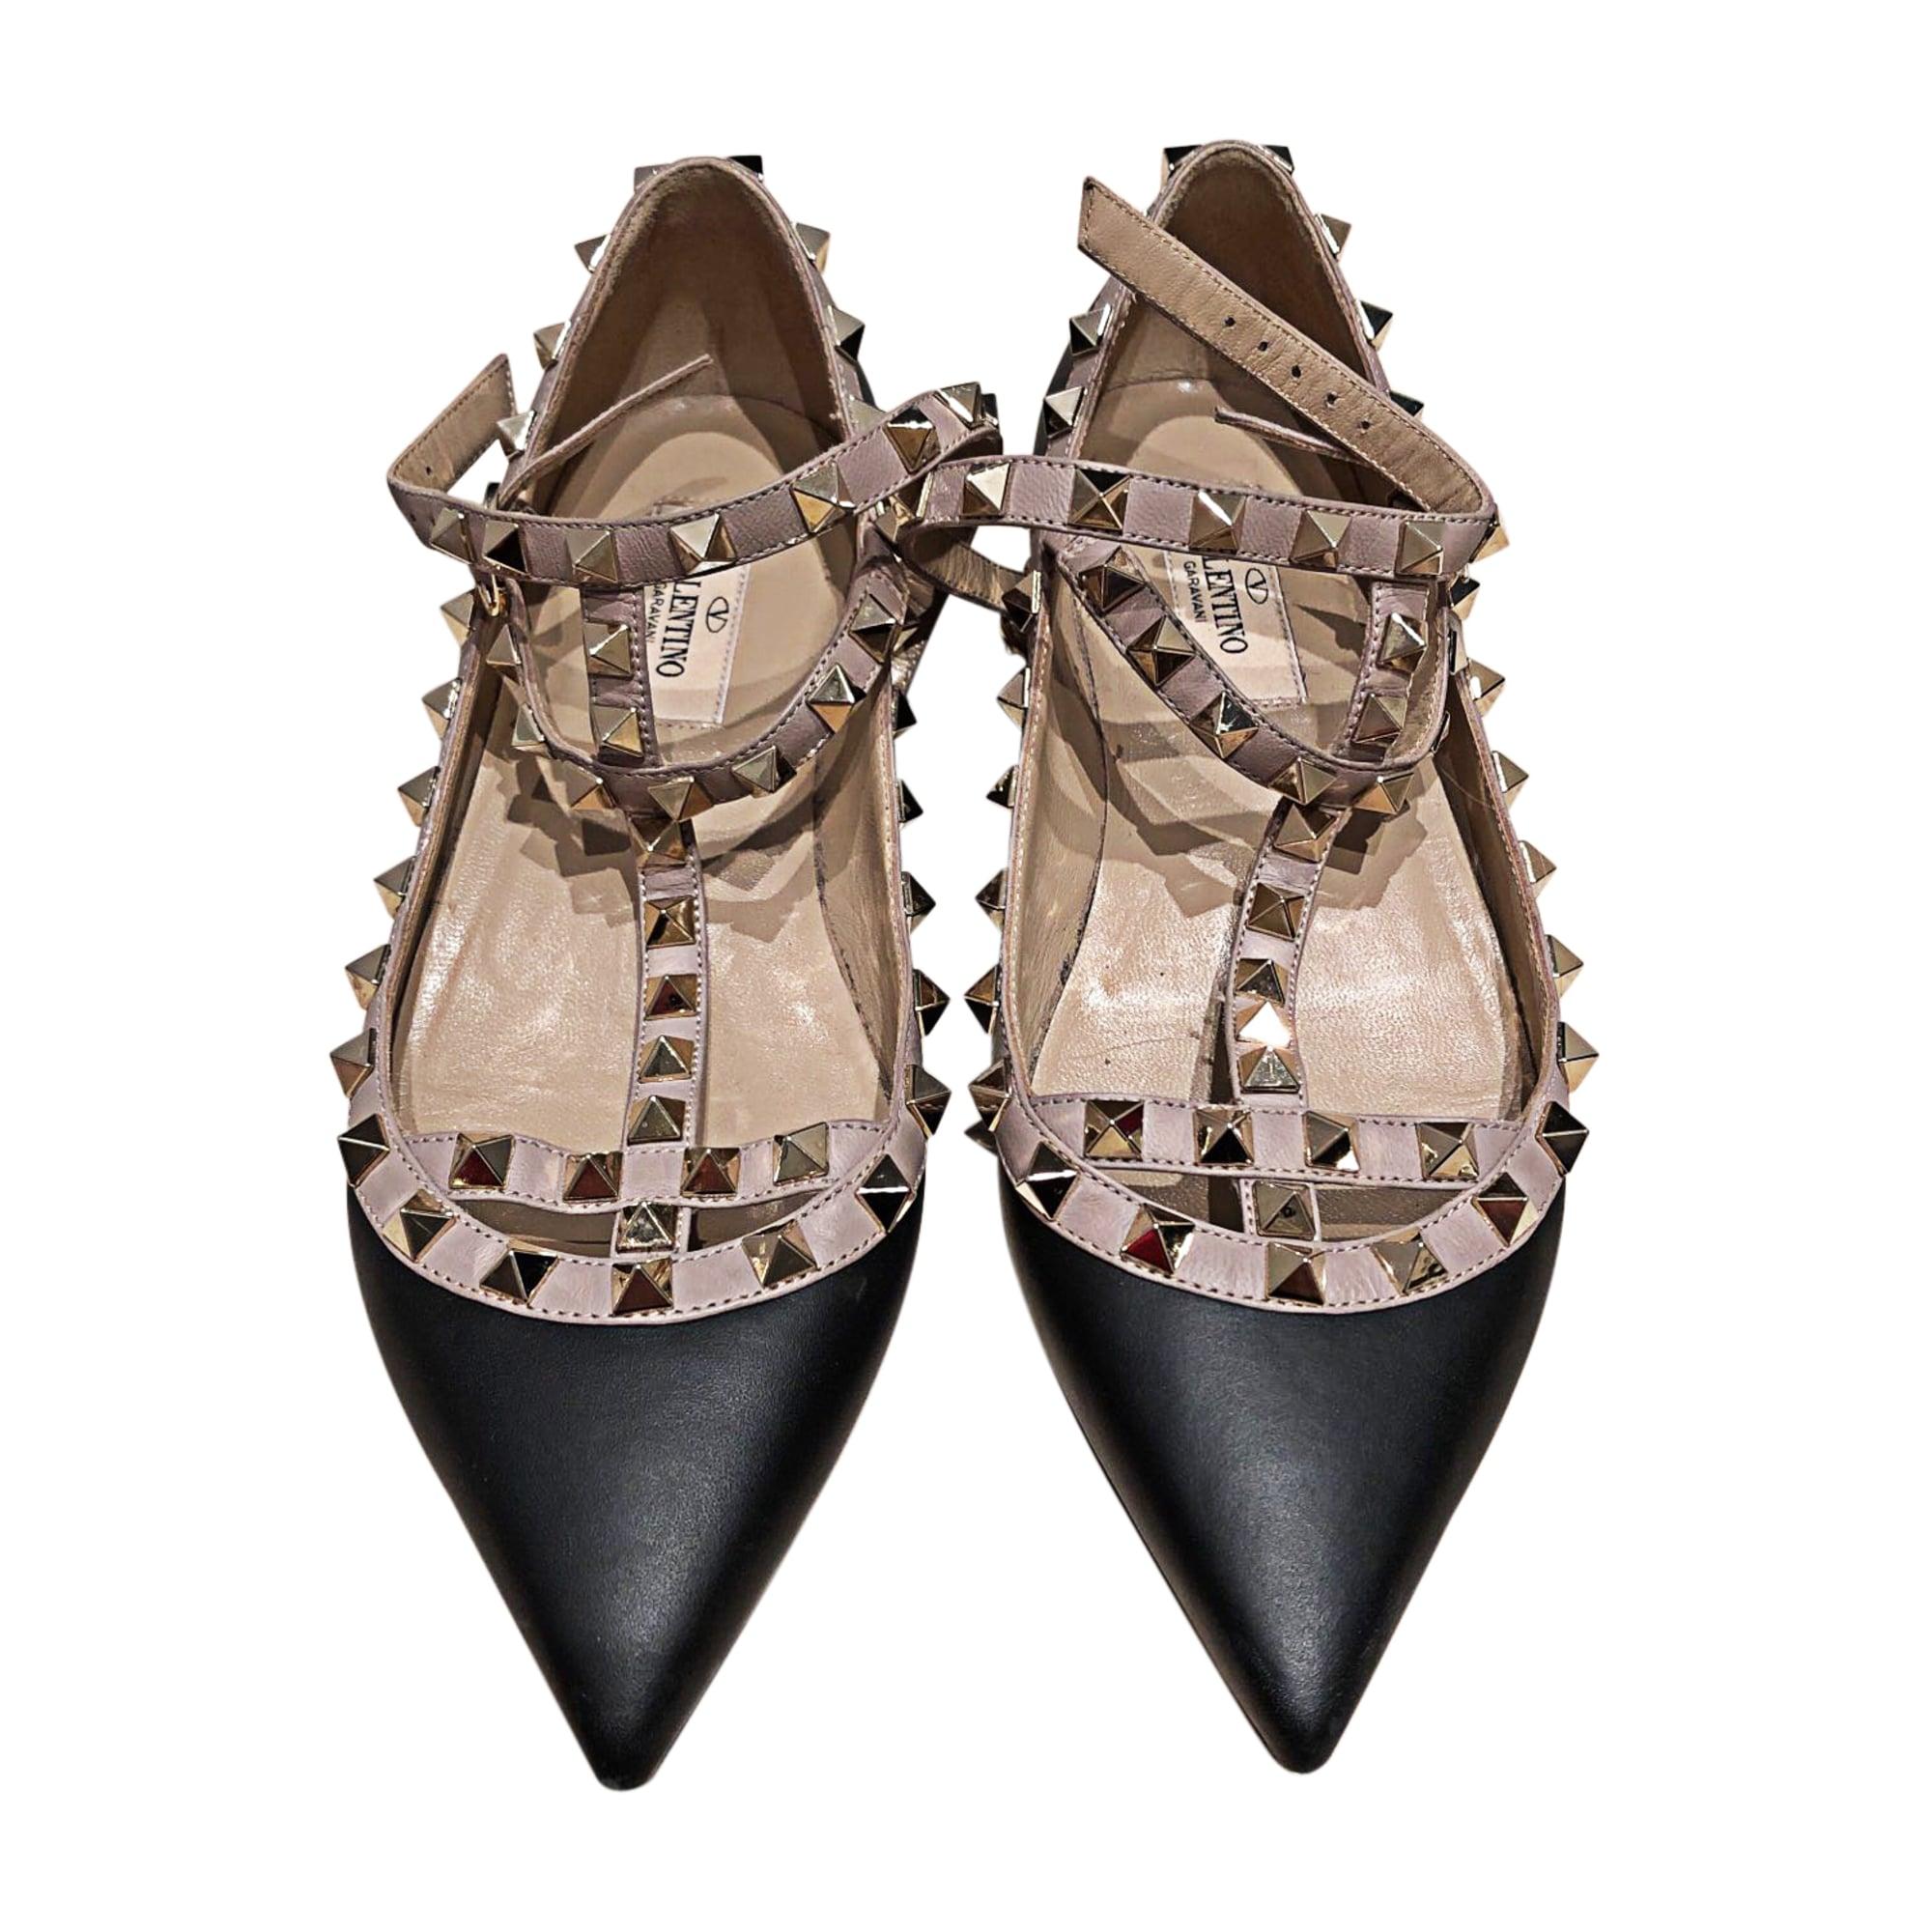 nouvelle arrivée Promotion de ventes Style magnifique Ballerines VALENTINO rockstud 35,5 doré - 8321338